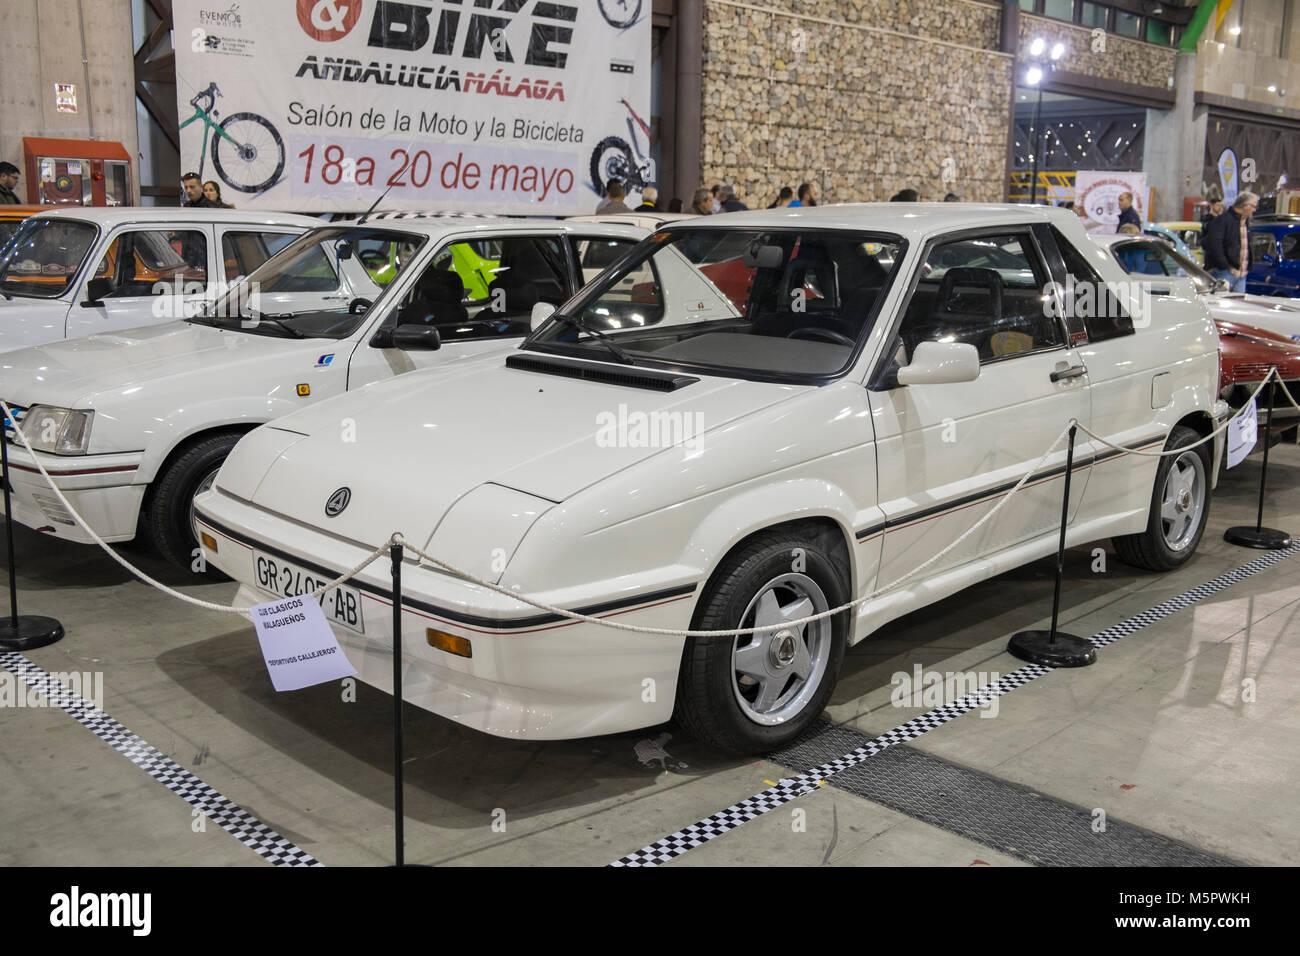 1992 Seat Ibiza Raider (Anibal, F100). Retro Málaga 2018. Spain. - Stock Image